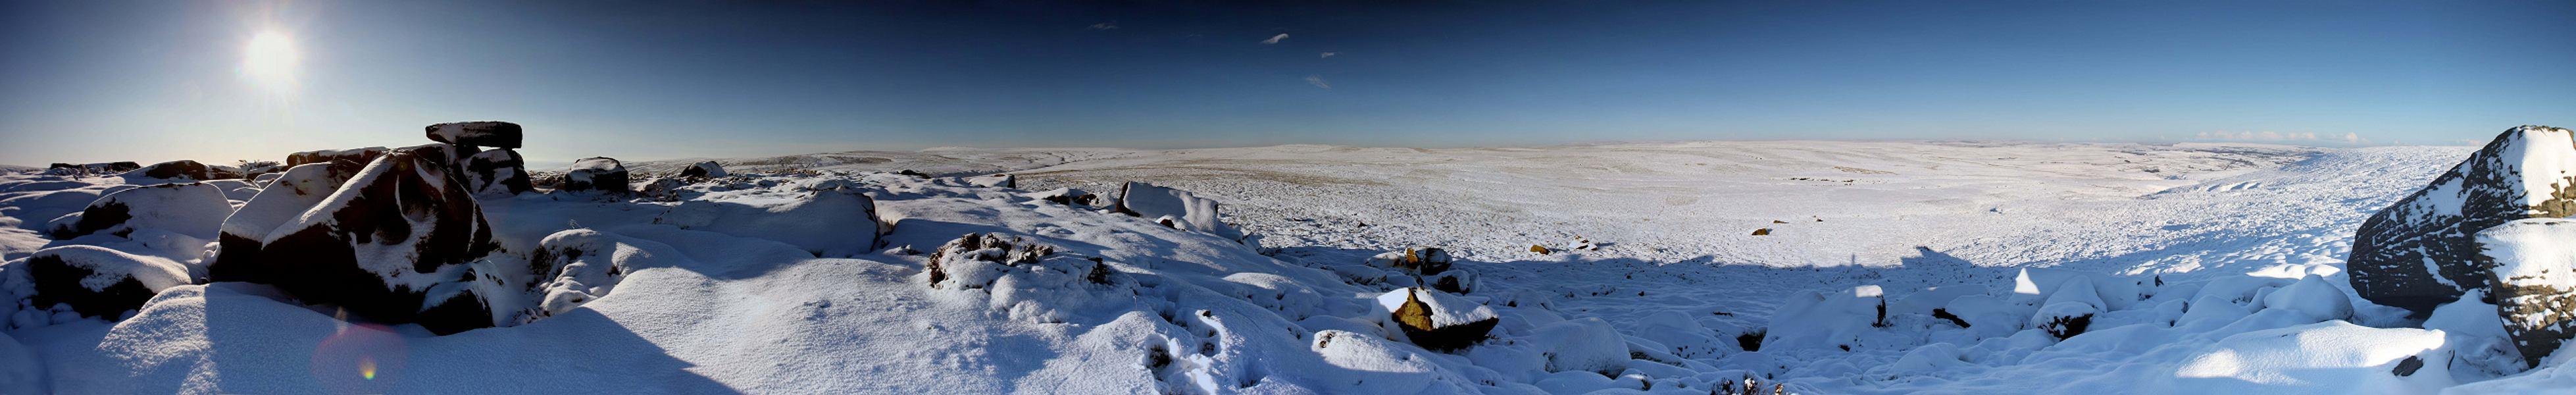 Alcomden stones - snow panorama